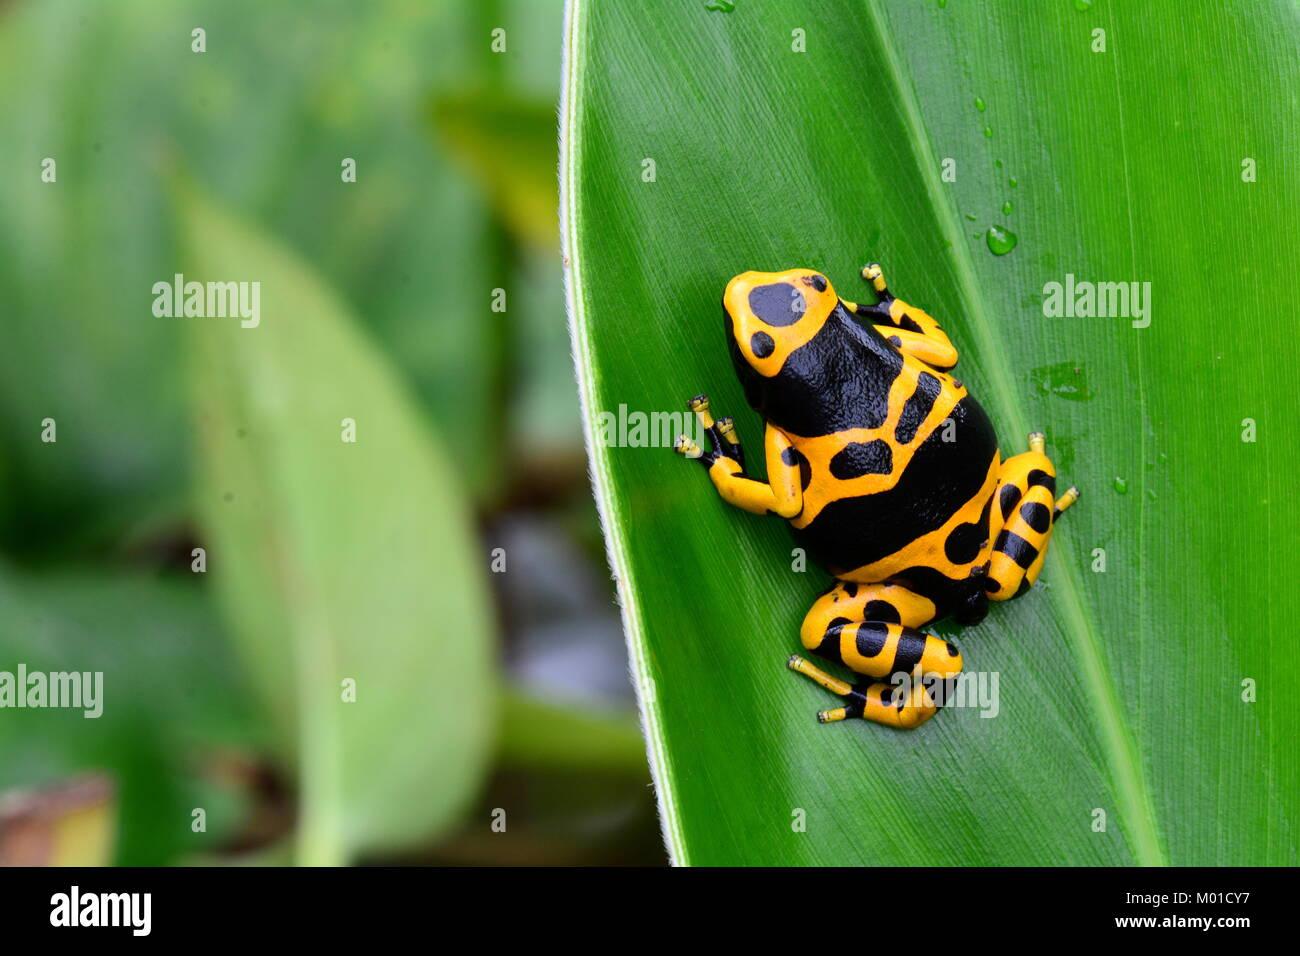 Un bonito color de abejorros poison dart frog descansa sobre una hoja vegetal en los jardines. Imagen De Stock